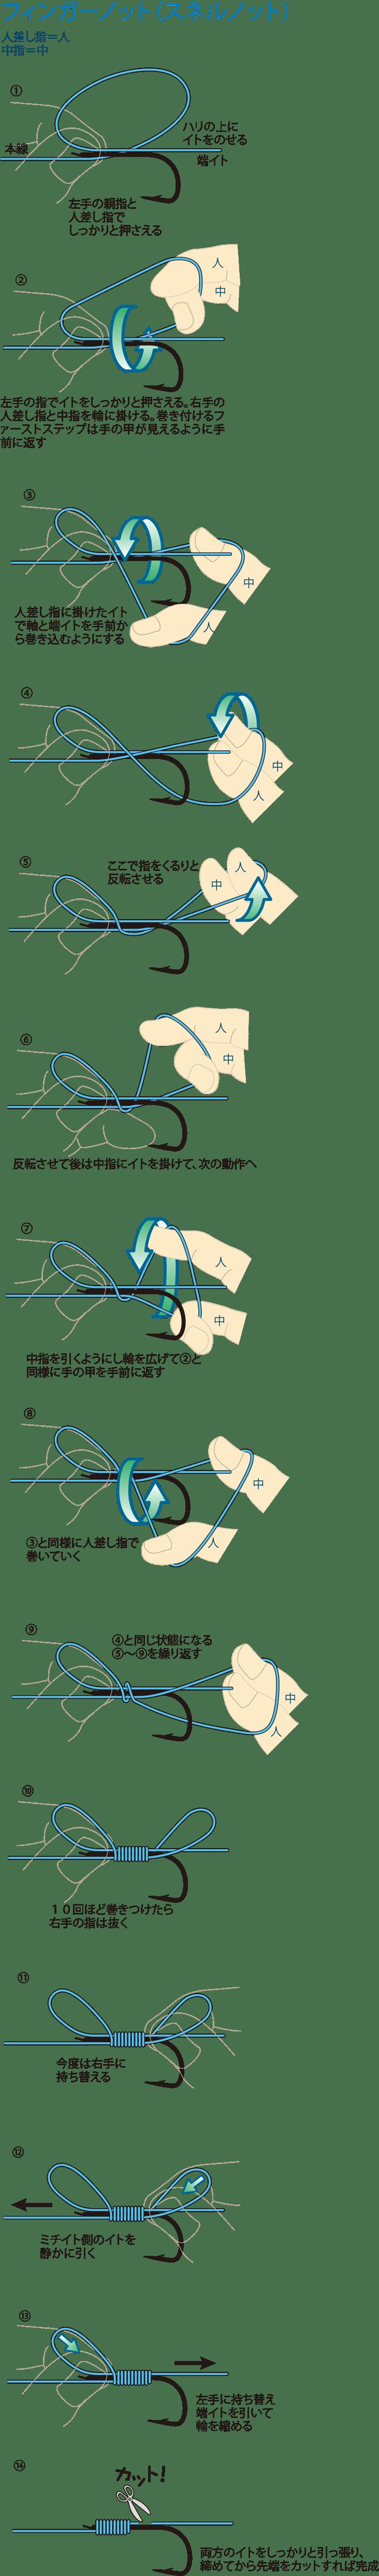 ①左手の親指と人差し指でしっかりと押さえる ②左手の指で糸をしっかりと押さえる。右手の人差し指と中指を輪に掛ける。巻き付けるファーストステップは手の甲が見えるように手前に返す ③人差し指に掛けた糸で軸と端糸を手前から巻き込むようにする ④ ⑤ここで指をくるりと反転させる ⑥反転させて後は中指に糸を掛けて、次の動作 ⑦中指を引くようにし輪を広げて②と同様に手の甲を手前に返す ⑧③と同様に人差し指で巻いていく ⑨④と同じ状態になる ⑤~⑨を繰り返す ⑩10回ほど巻きつけたら右手の指は抜く ⑪今度は右手に持ち替える ⑫ミチイト側の糸を静かに引く ⑬左手に持ち替え端糸を引いて輪を縮める ⑭両方の糸をしっかりと引っ張り、締めてから先端をカットすれば完成